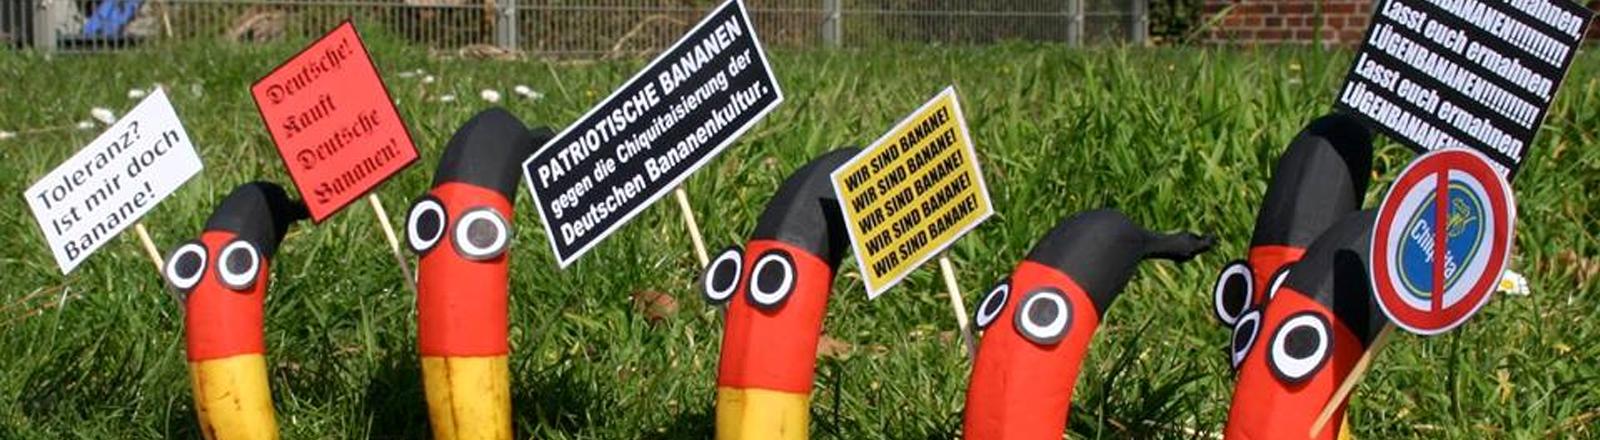 Bananen in Schwarzrotgold aufgestellt mit Plakaten als Persiflage auf die Pegida Proteste.